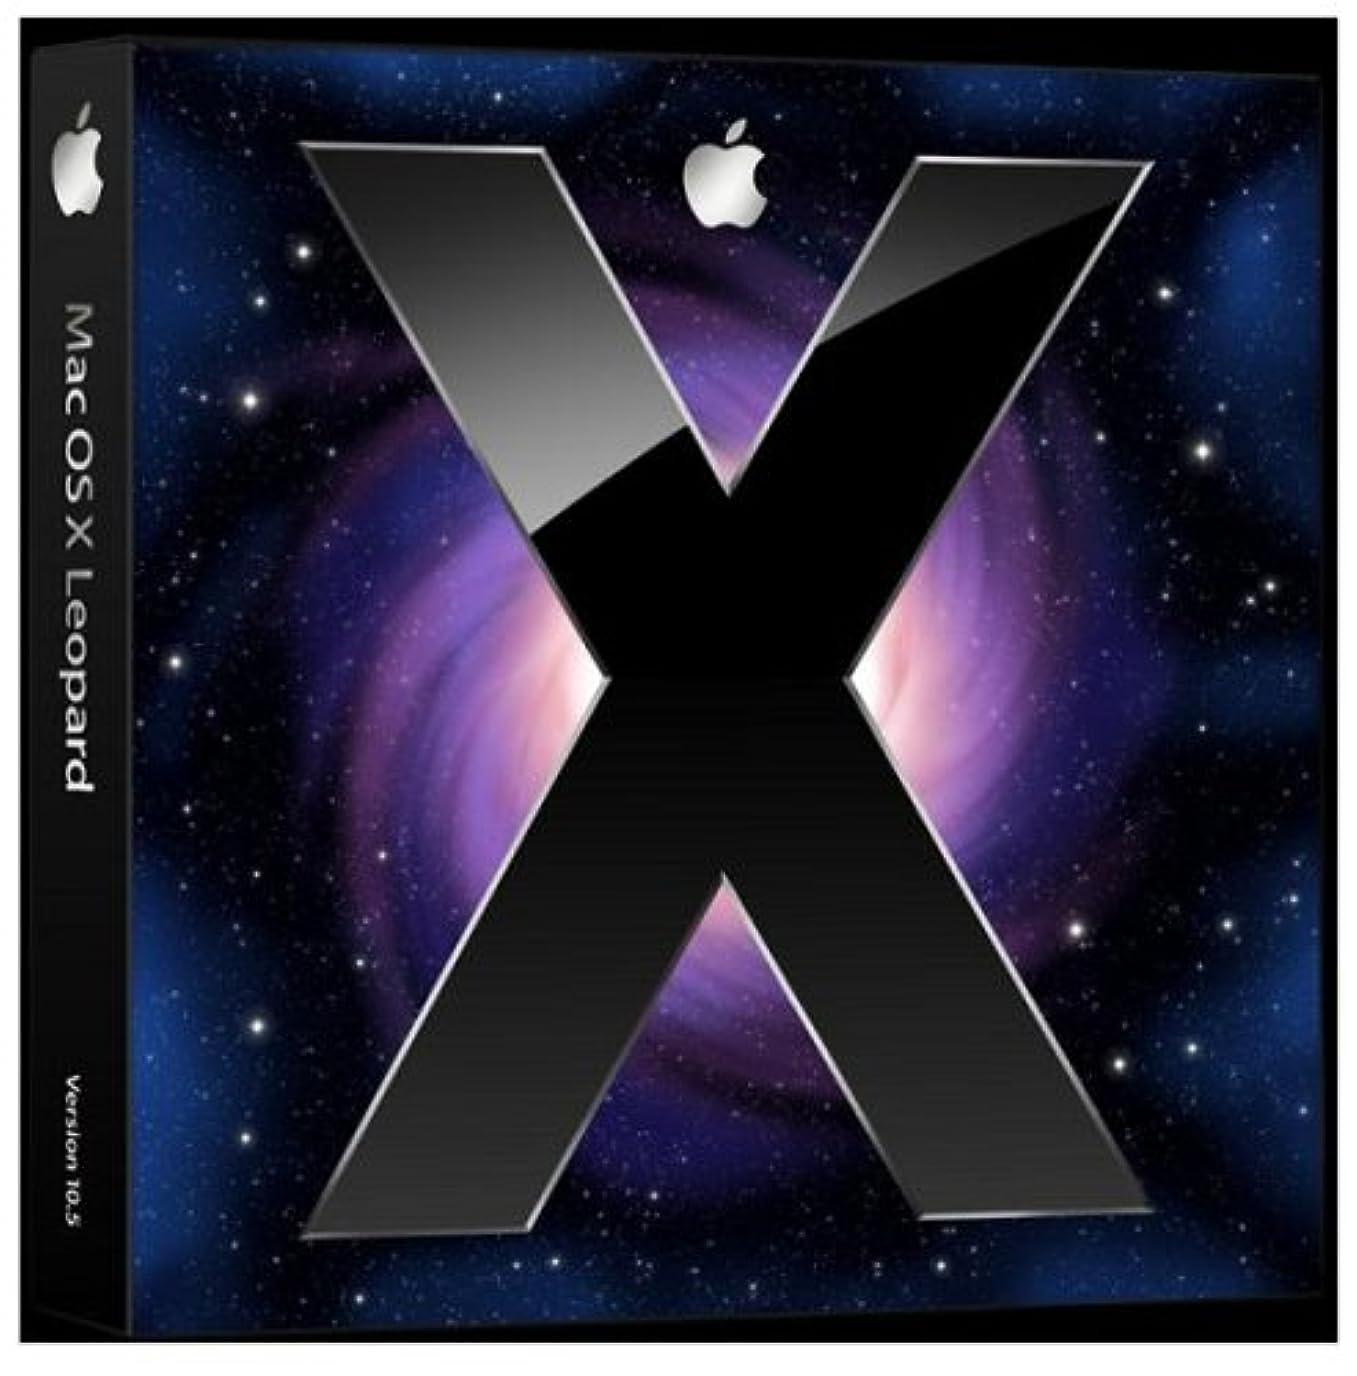 幻滅いちゃつく推進力Mac OS X 10.5.6 Leopard